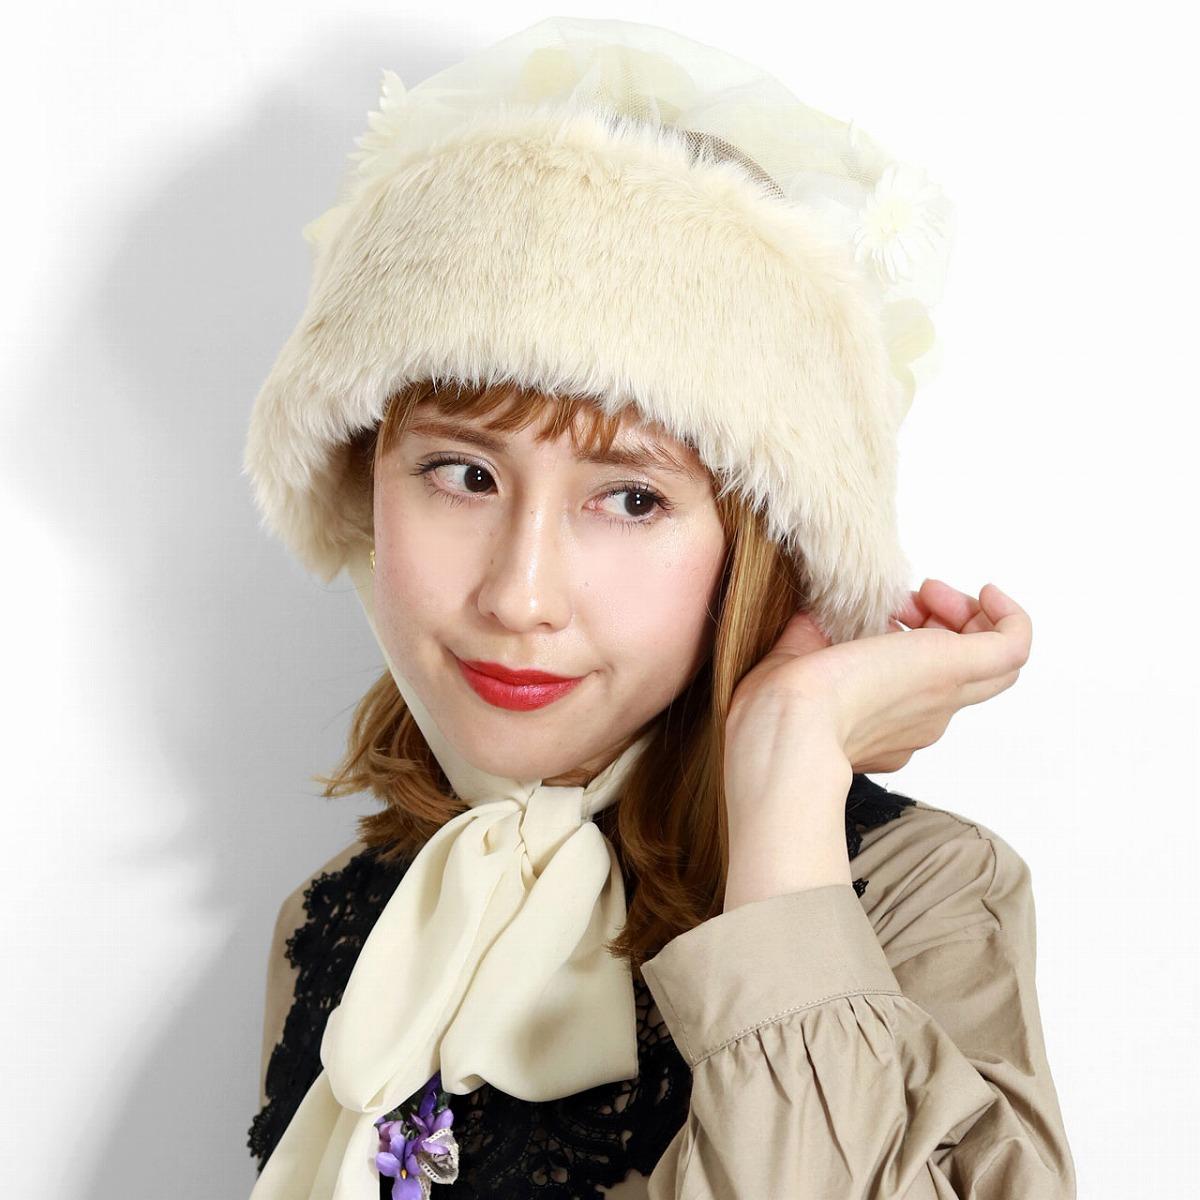 バラ色の帽子 ロシア姫フード ボンネット チュールレース レディース 帽子 フード 日本製 Barairo no Boushi 大人用 秋冬 ヘッドドレス オフ白[ head dress ]ウエディング 小物 結婚式 衣装 コスプレ ヘアアクセサリー ロリータ パーティー ドレス小物